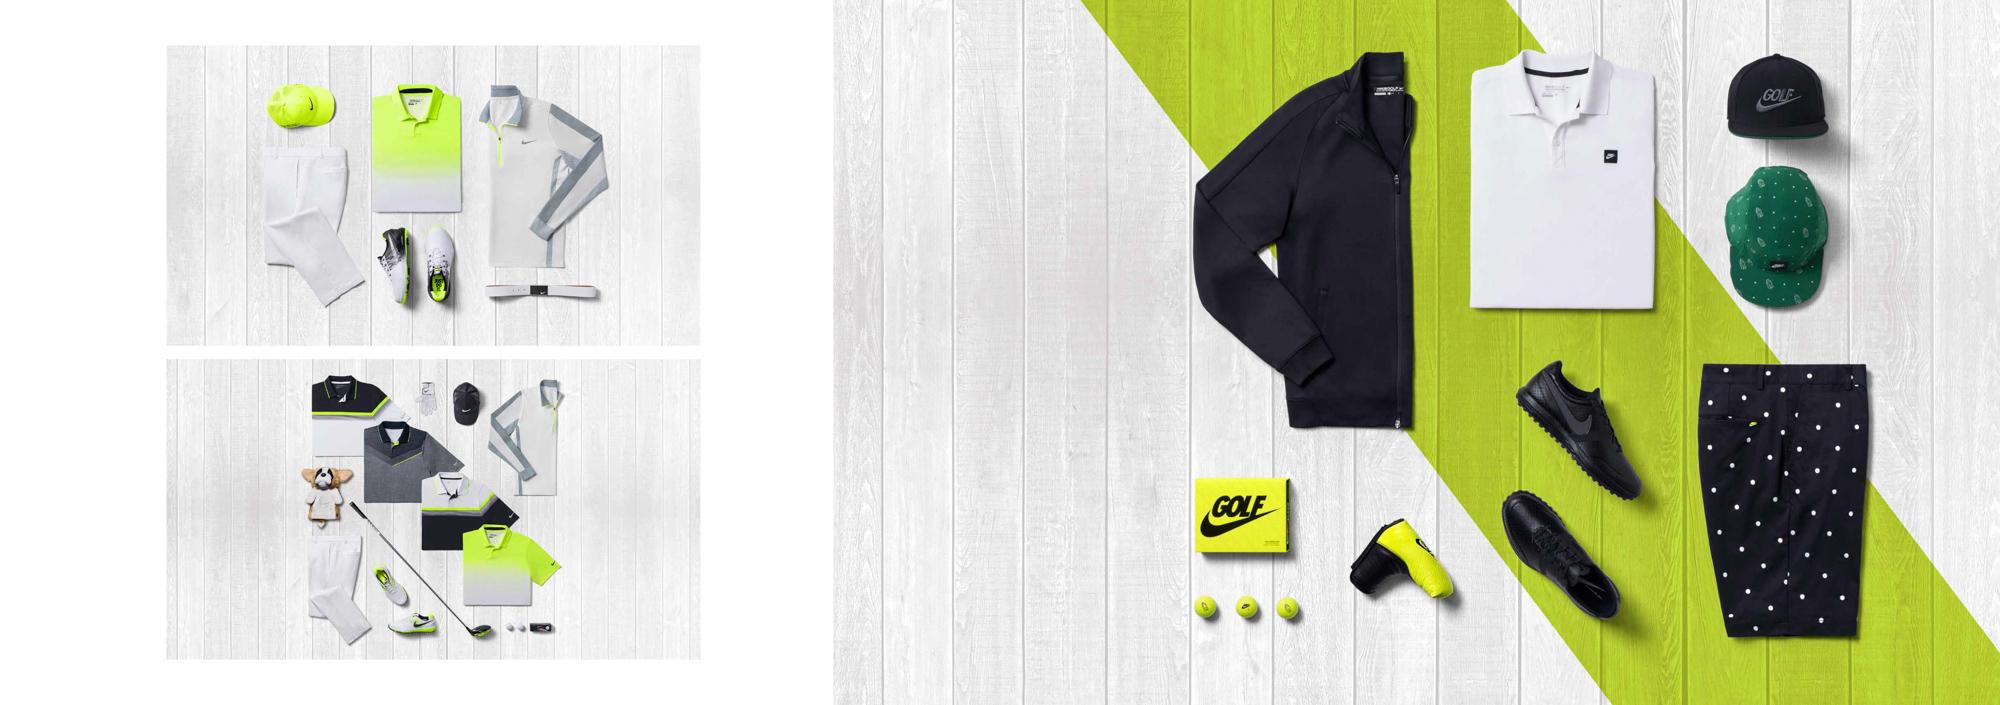 Nike_02s-4.jpg